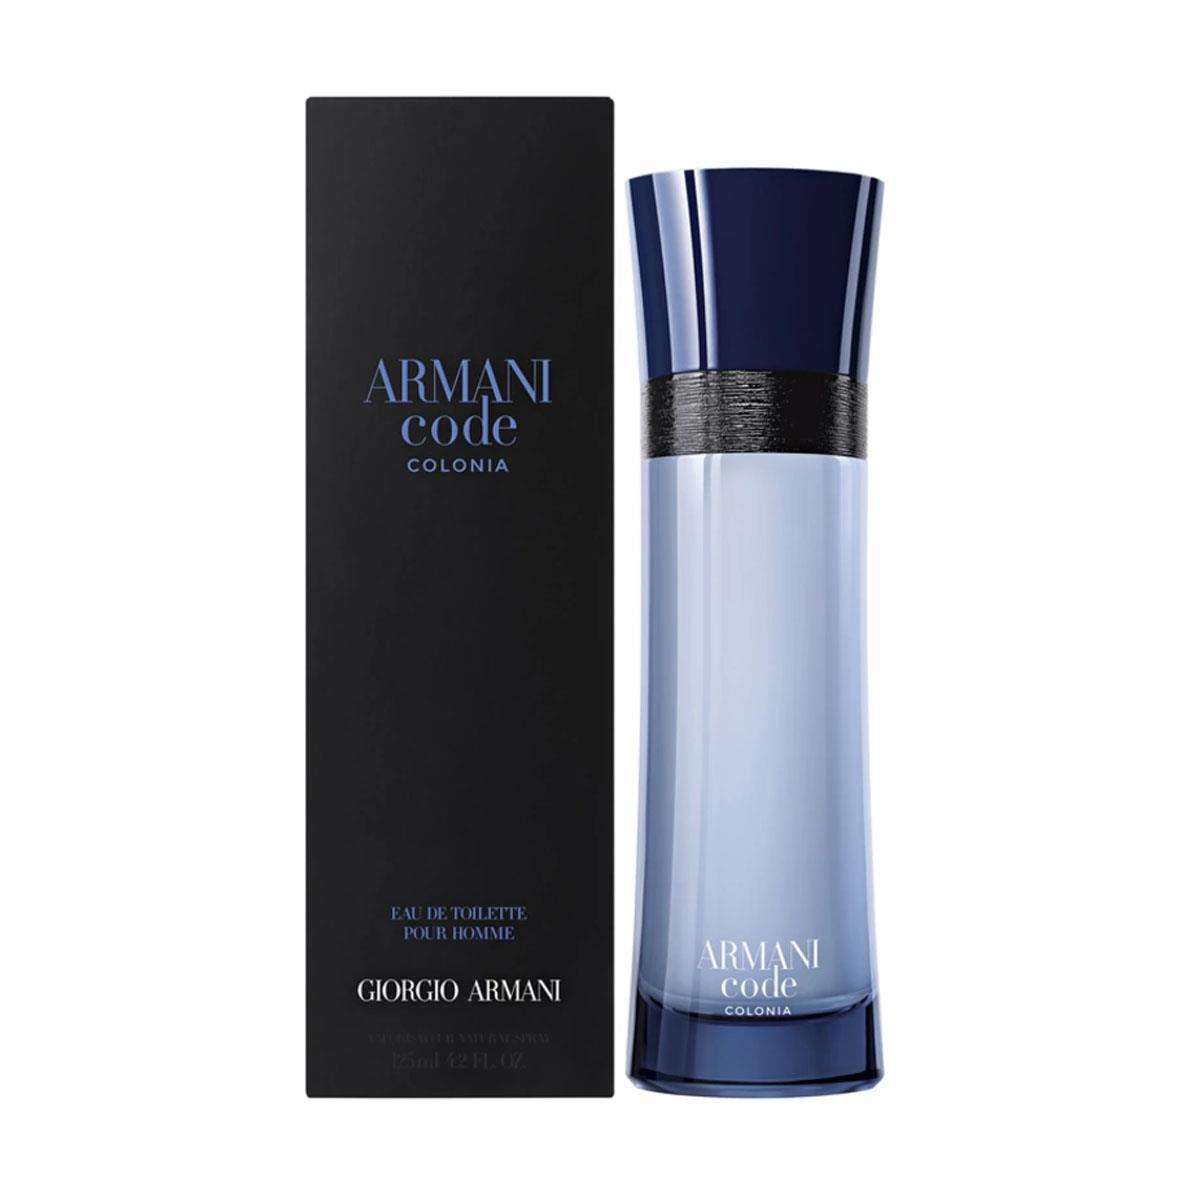 9f81c36284e Perfume Giorgio Armani Code Colonia Eau de Toilette Masculino